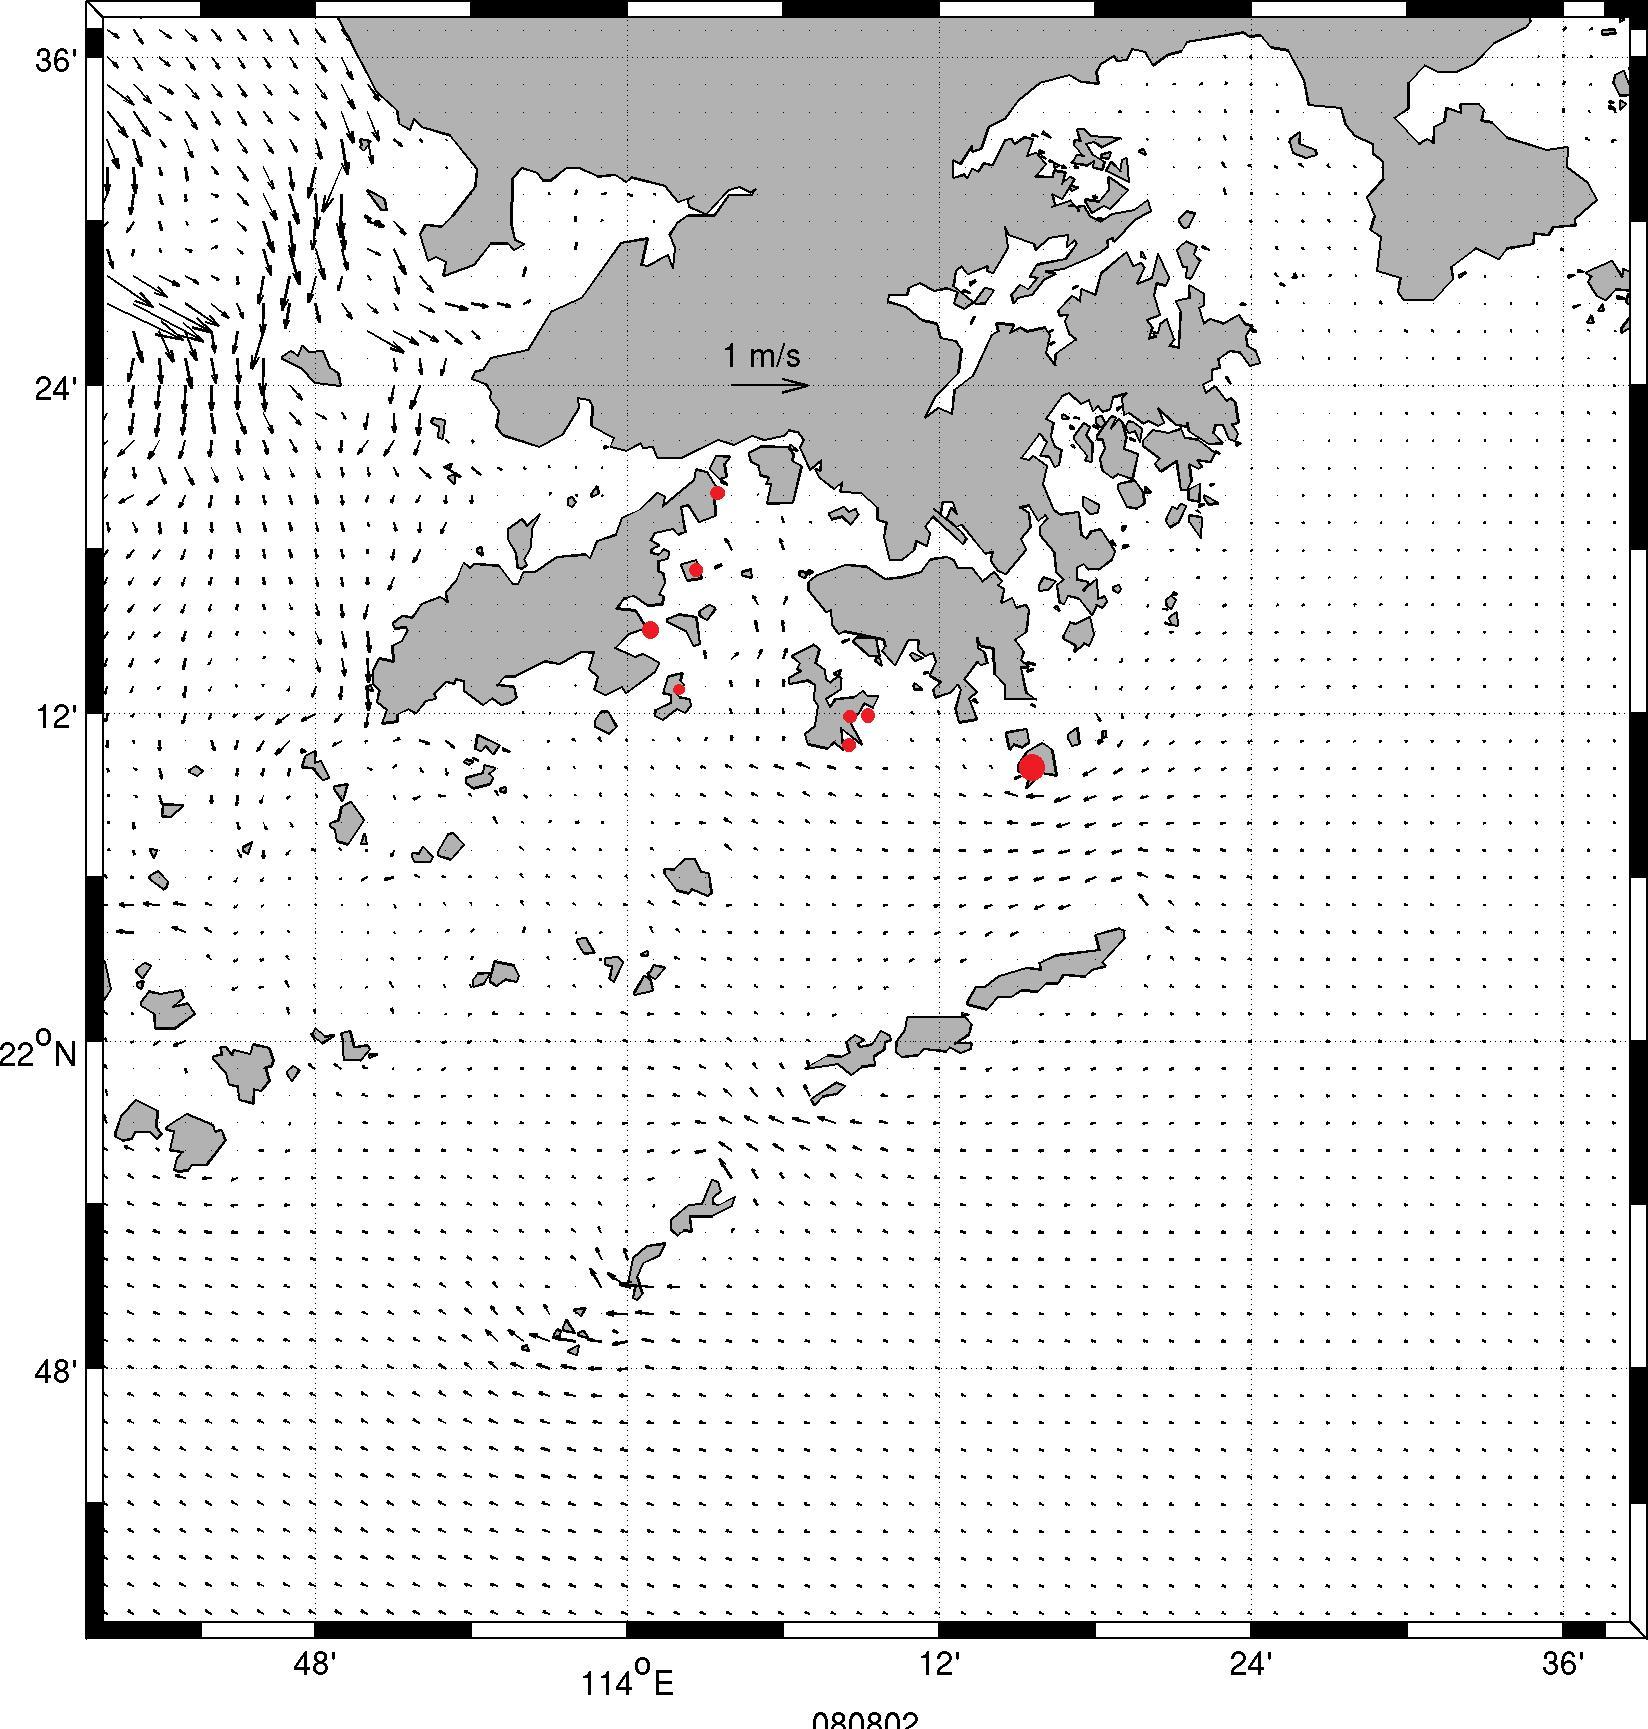 8月8日漲潮情況以及收集膠粒位置(紅圈示)